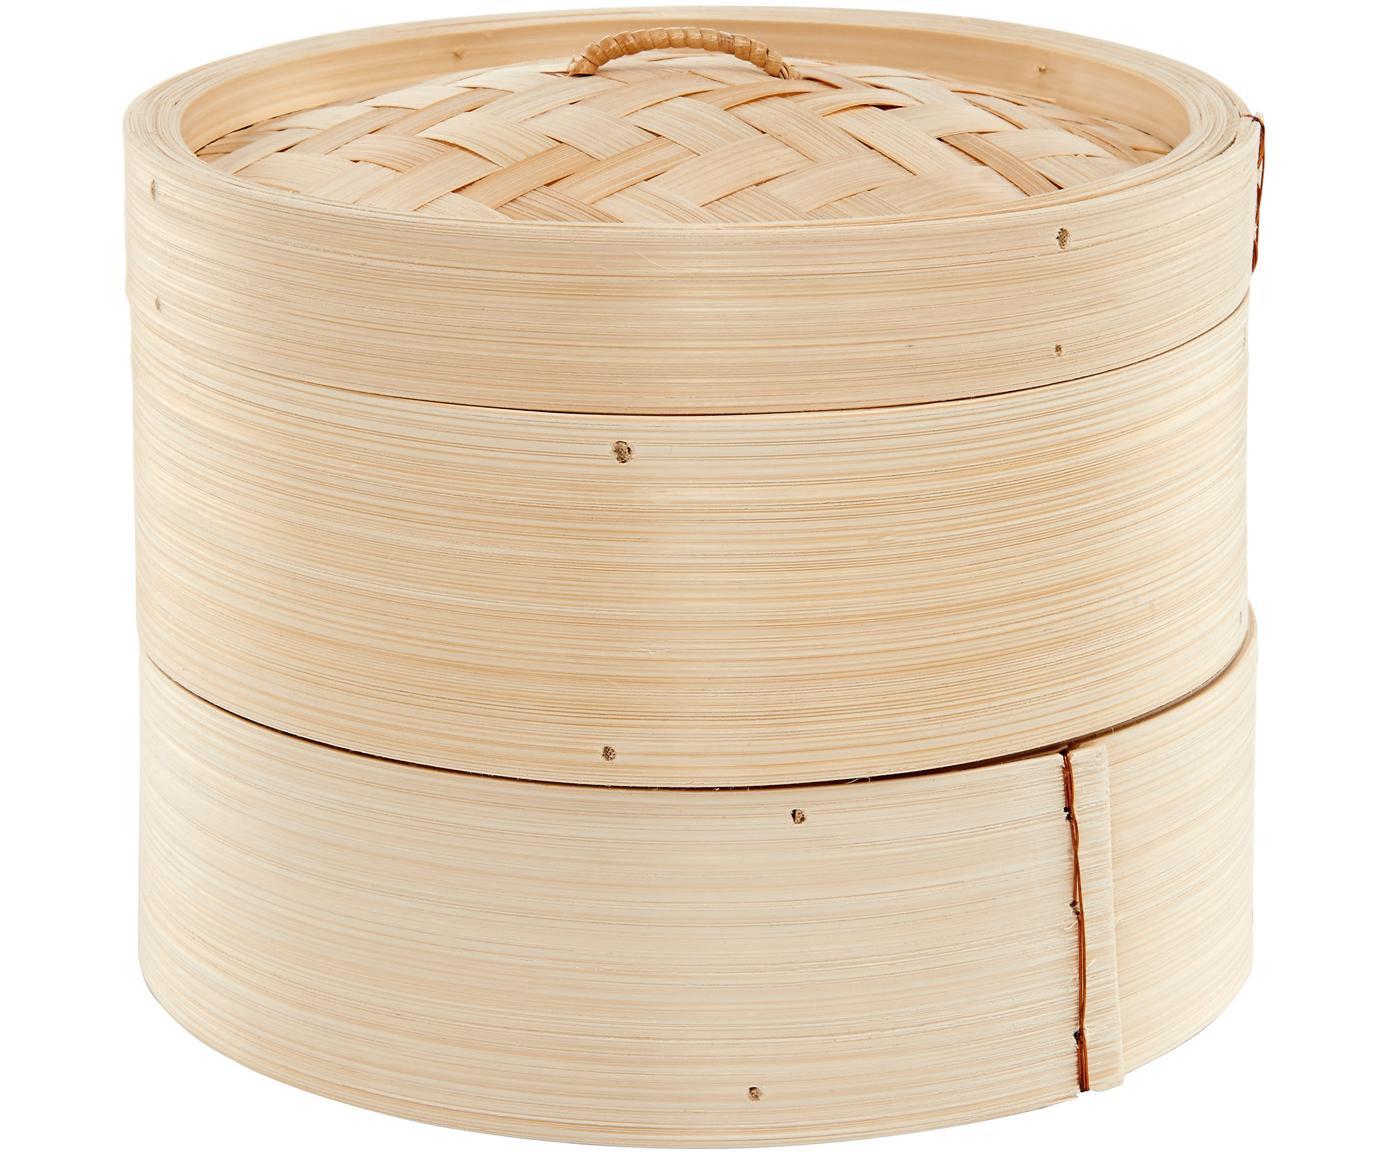 Bamboe opbergpot Hot Spot, Bamboe, Bamboekleurig, Ø 20 cm